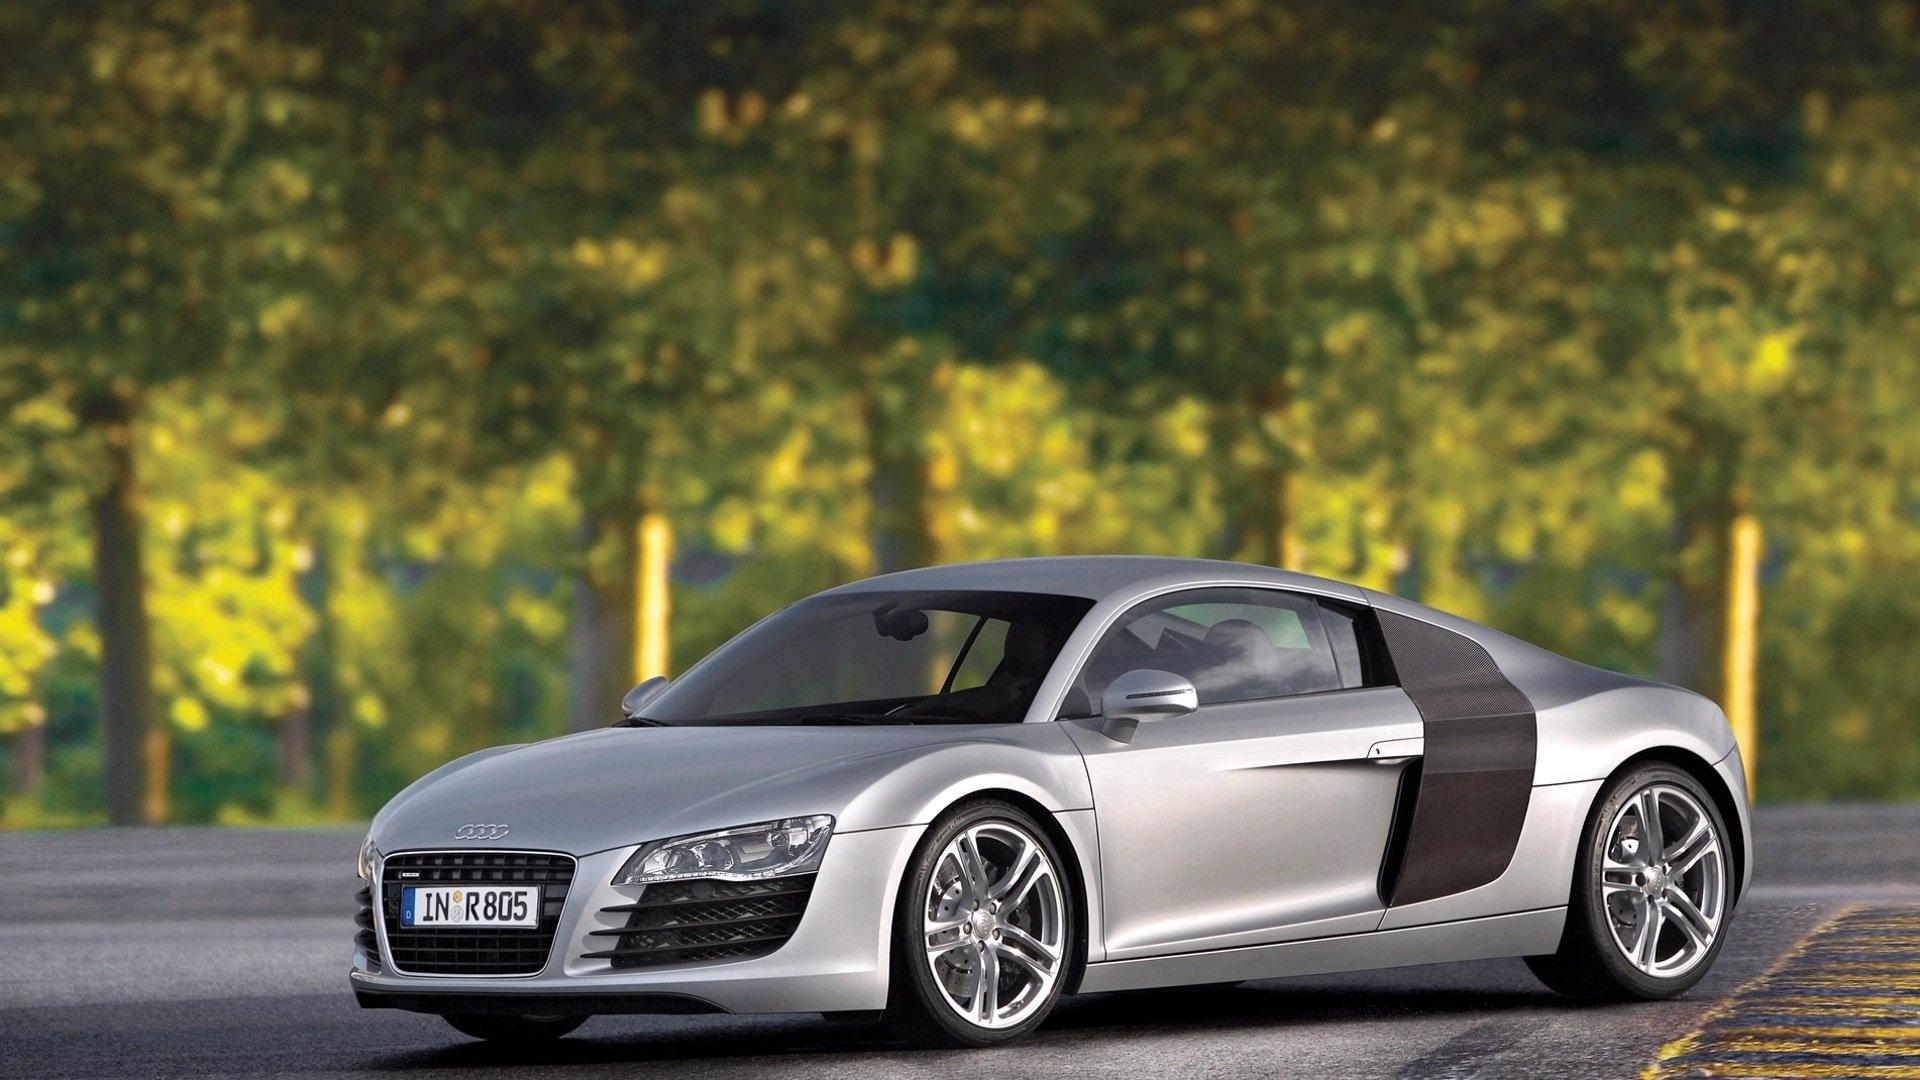 Audi R8 free pic